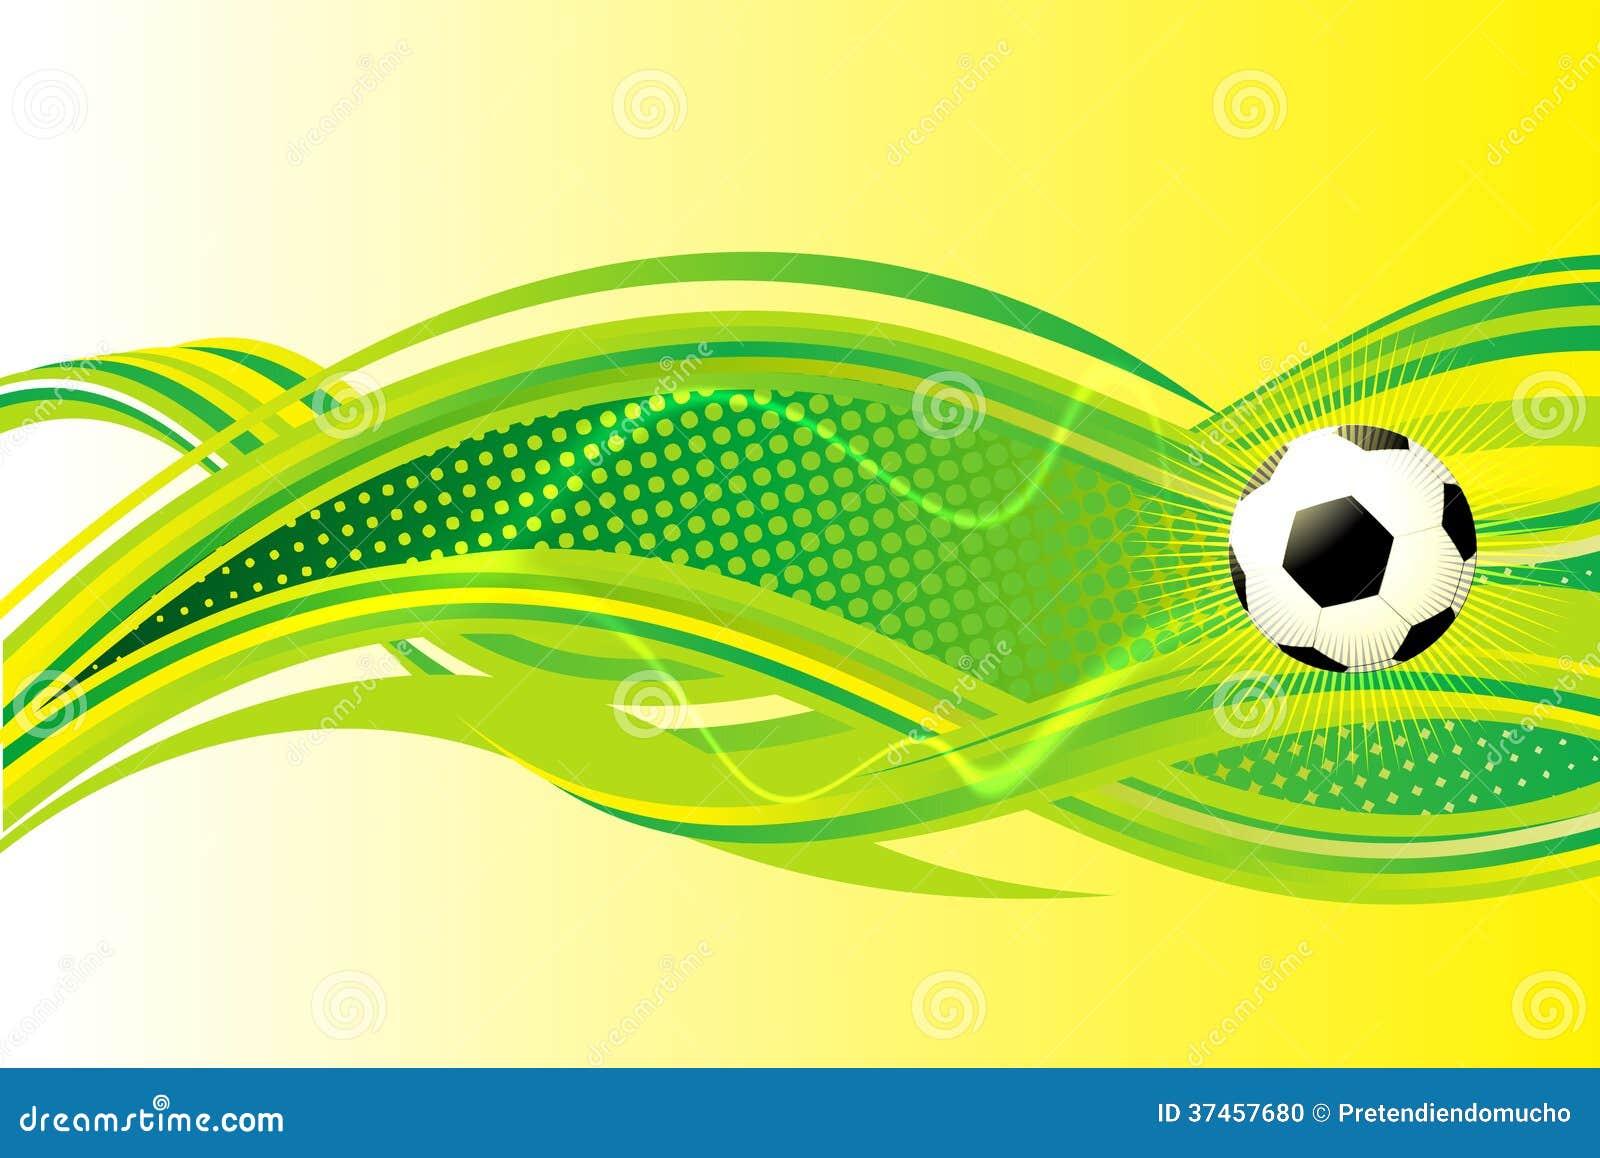 Fondo del fútbol